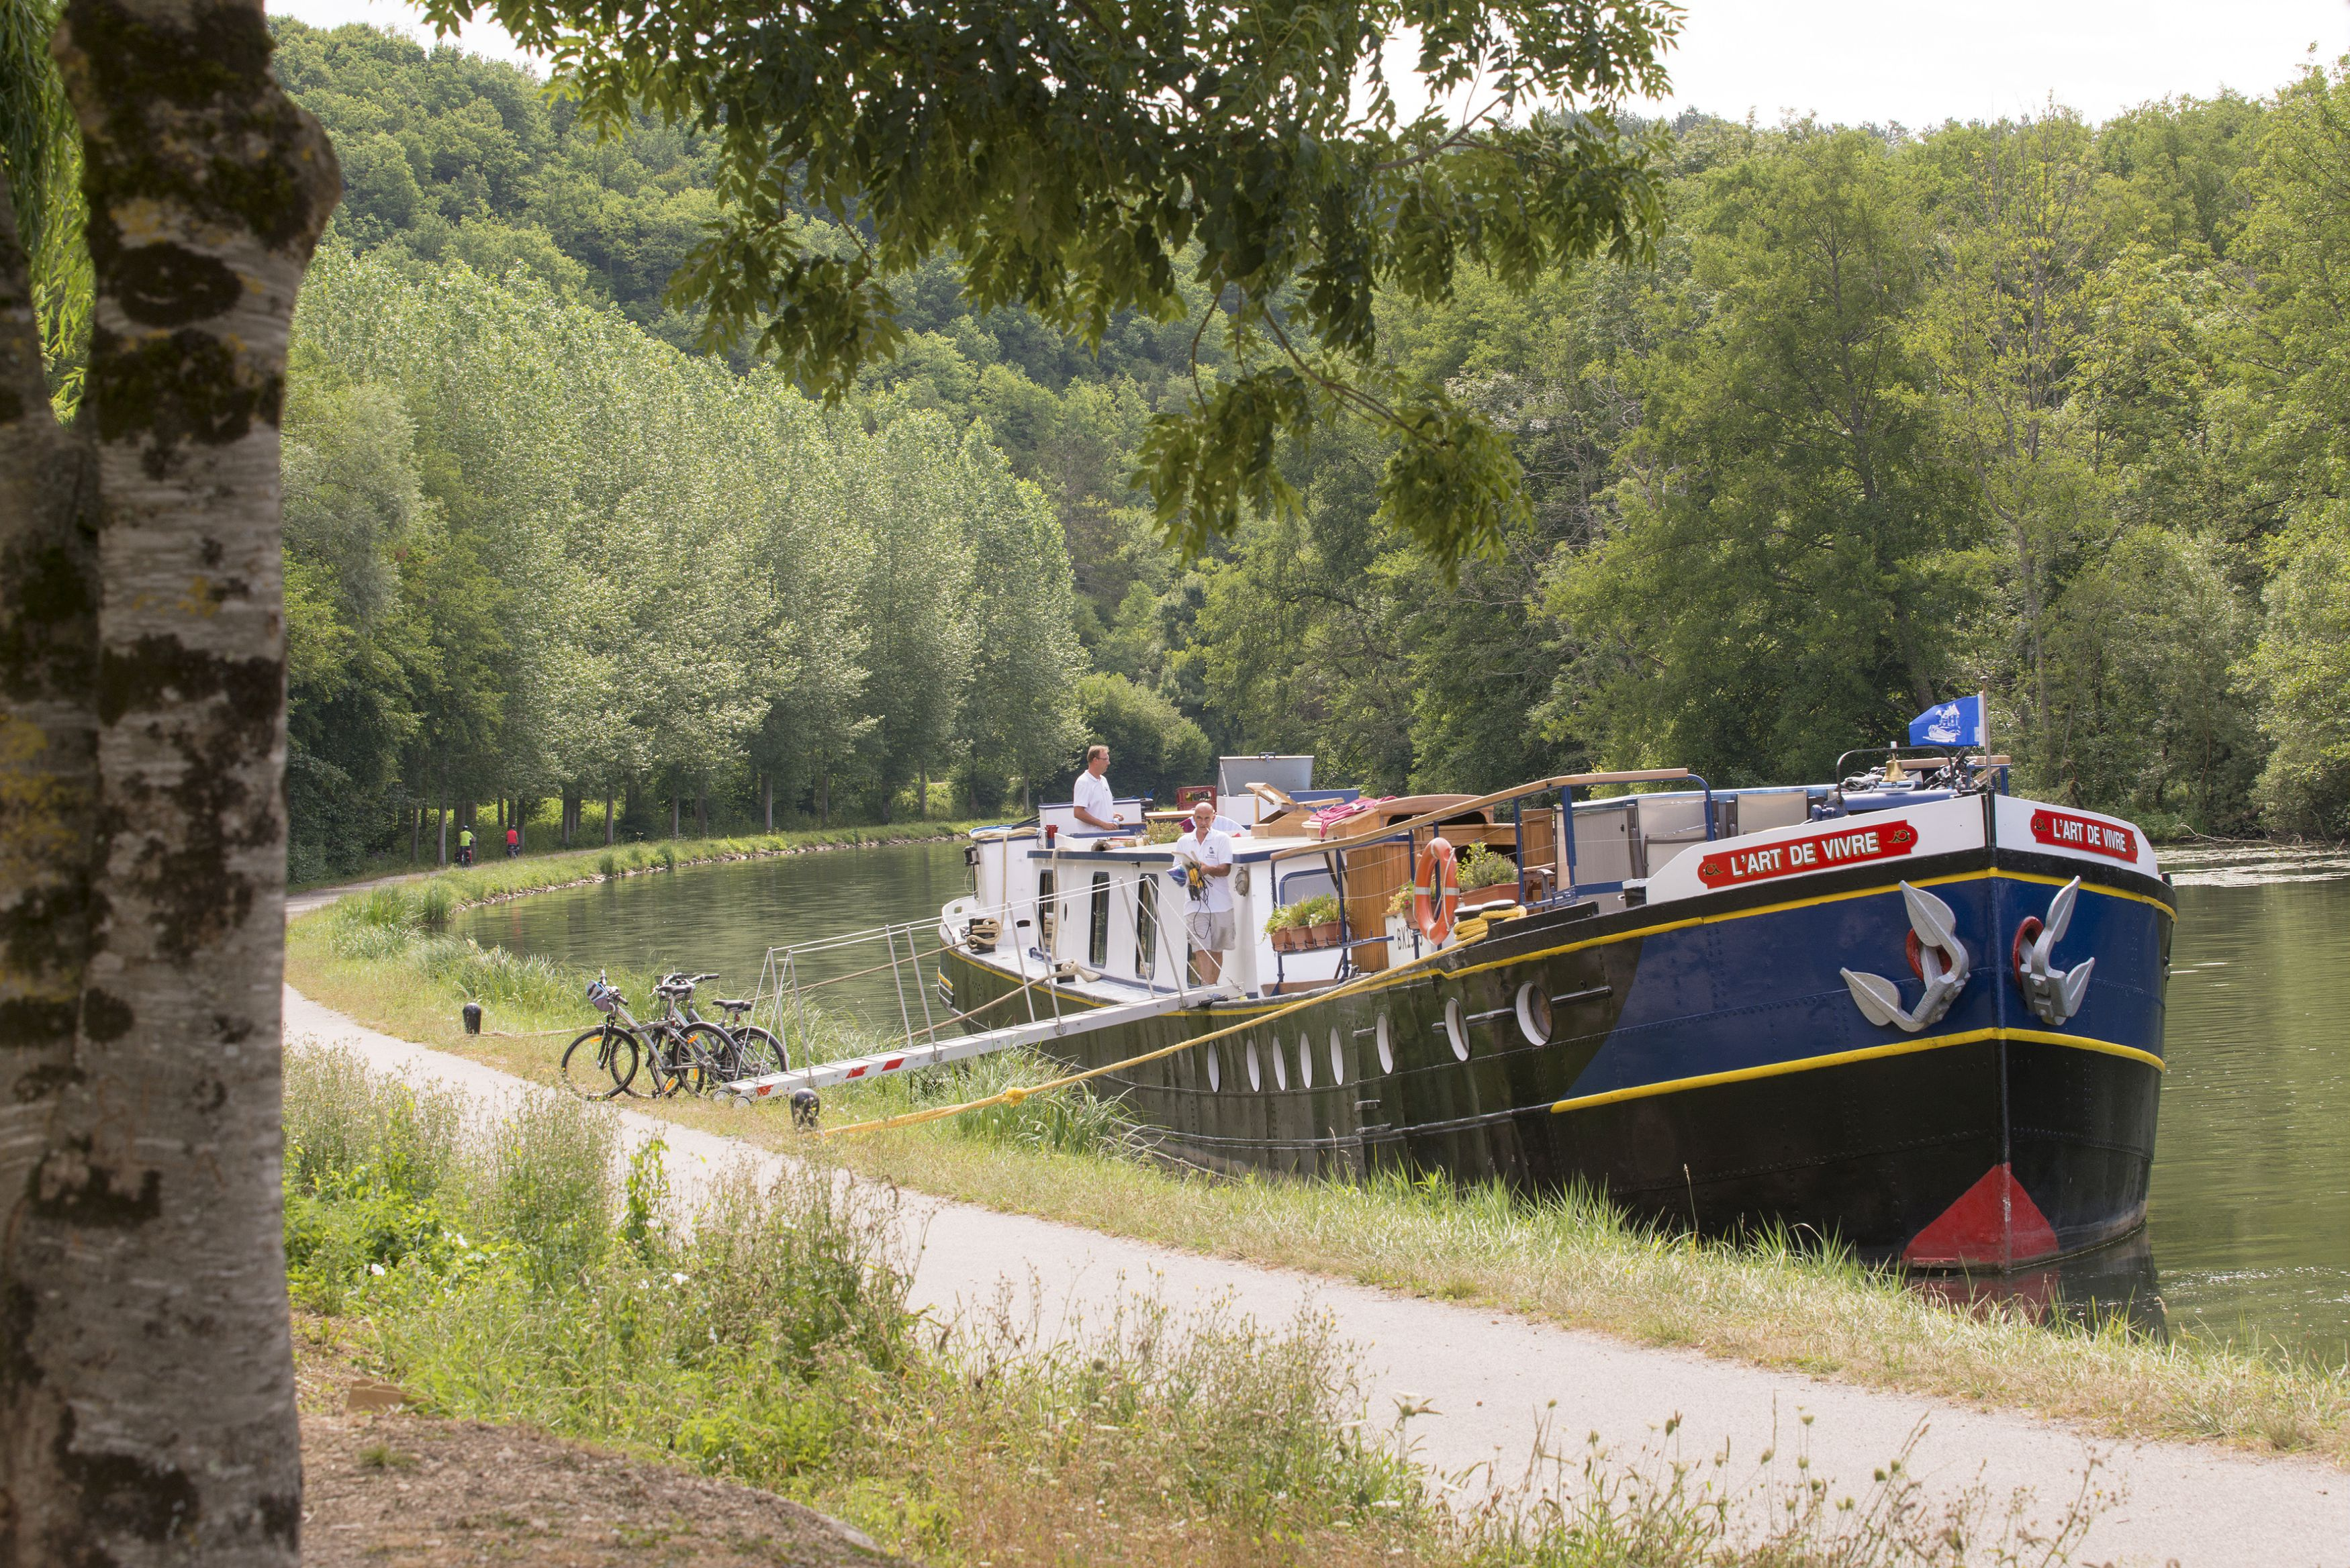 Péniche sur le canal du Nivernais